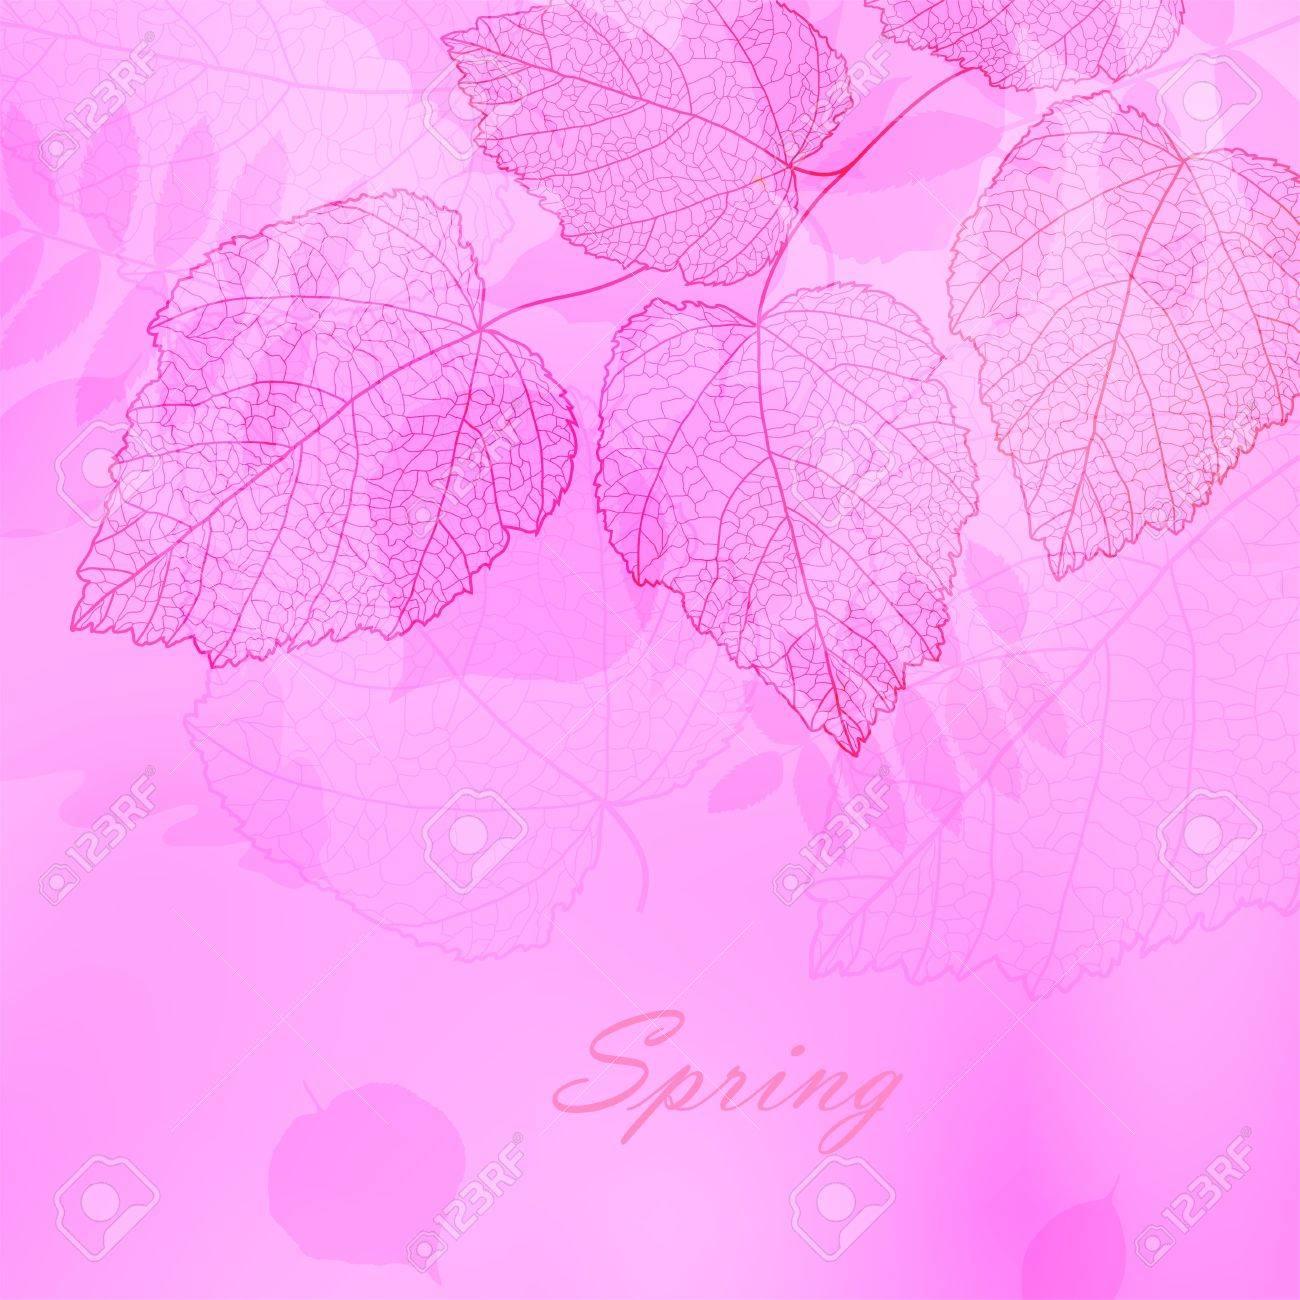 春のイラスト壁紙